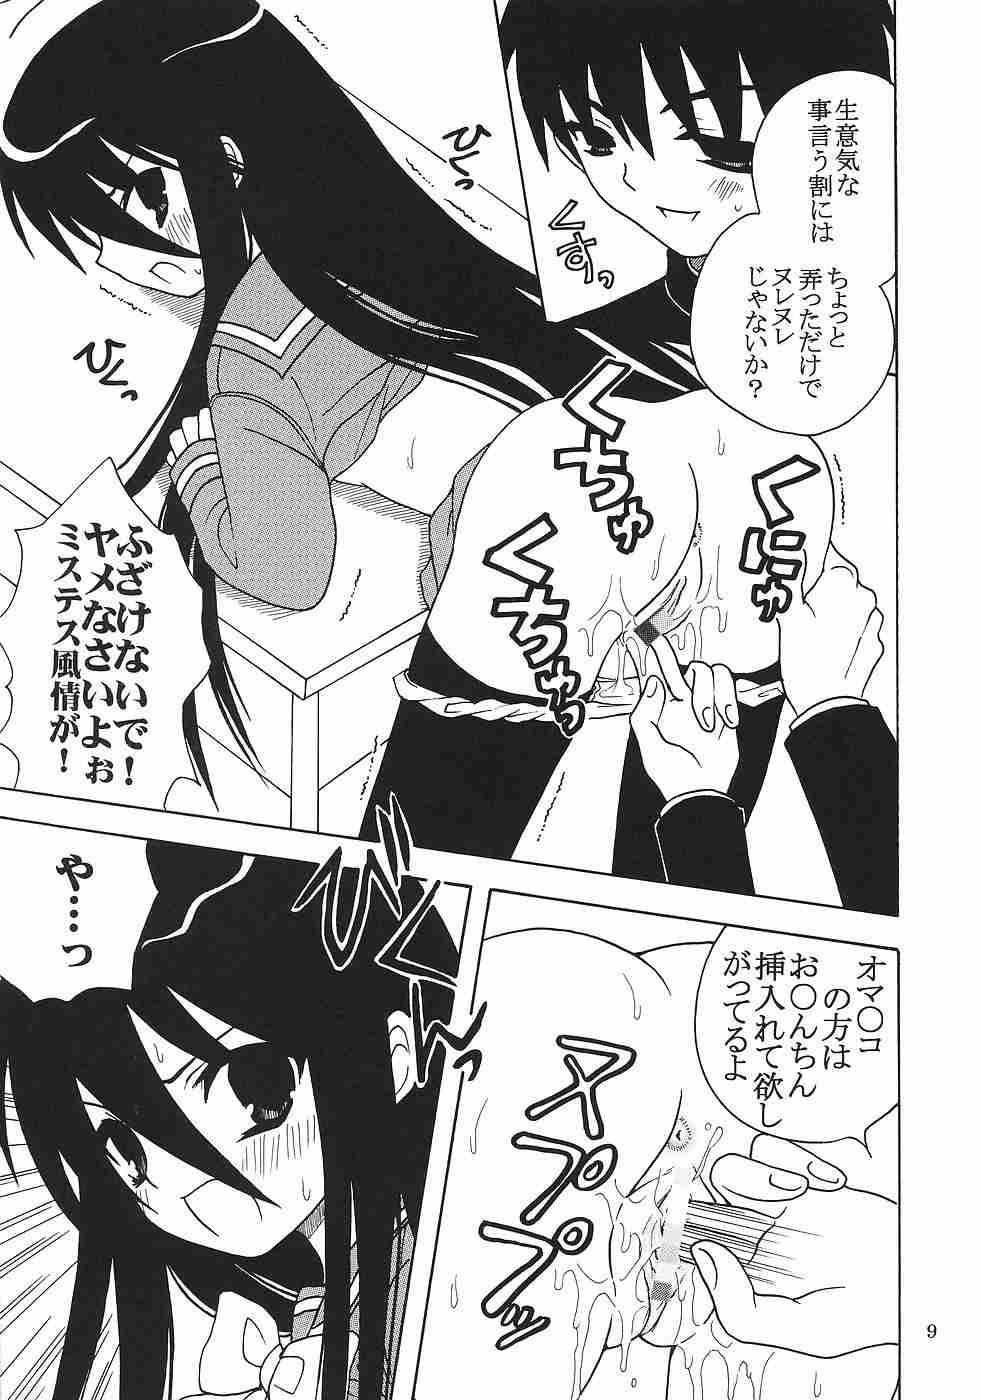 Shakume No Mai Otsukamichu 2 9